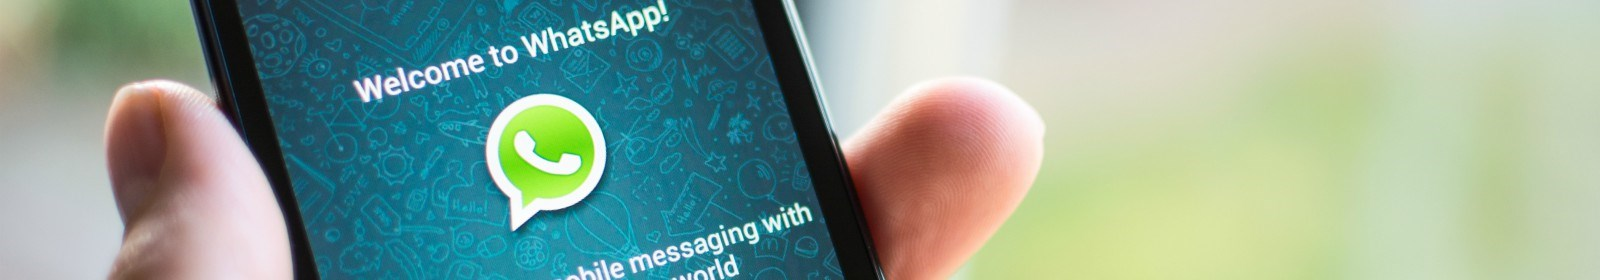 Golden rules for WhatsApp communities